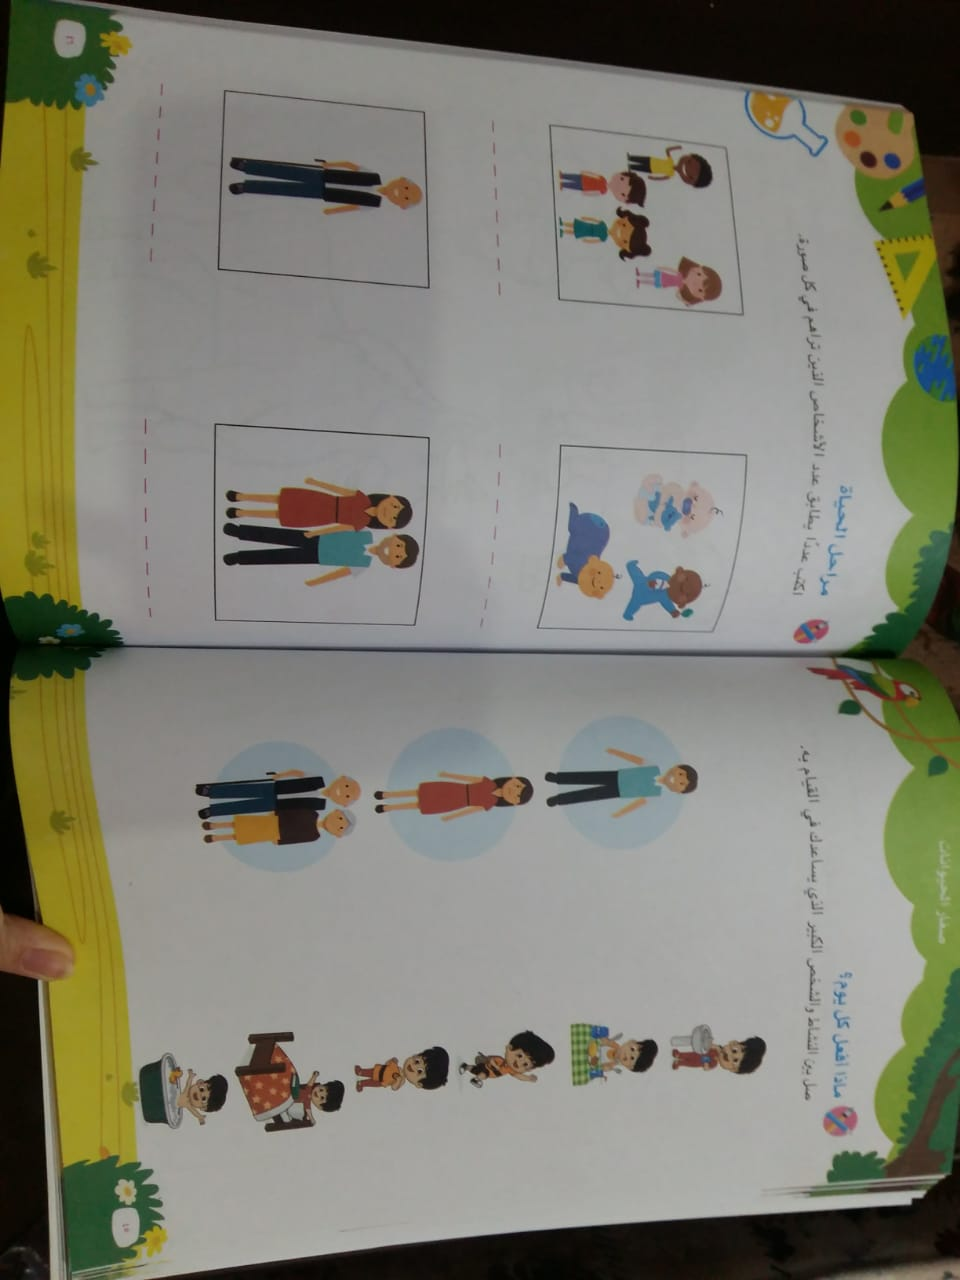 منهج رياض الأطفال الجديد (36)